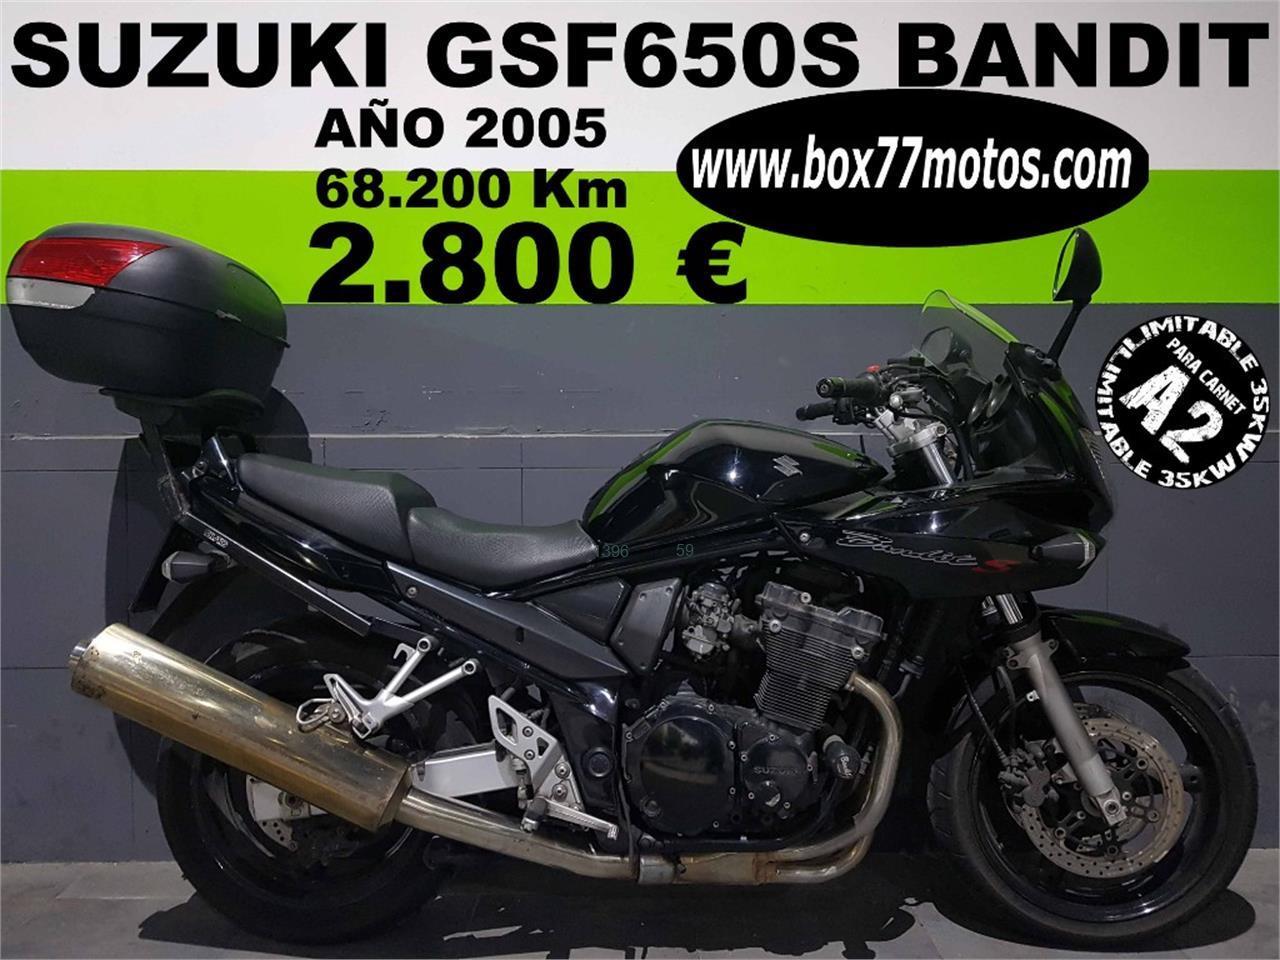 SUZUKI GSF BANDIT 650